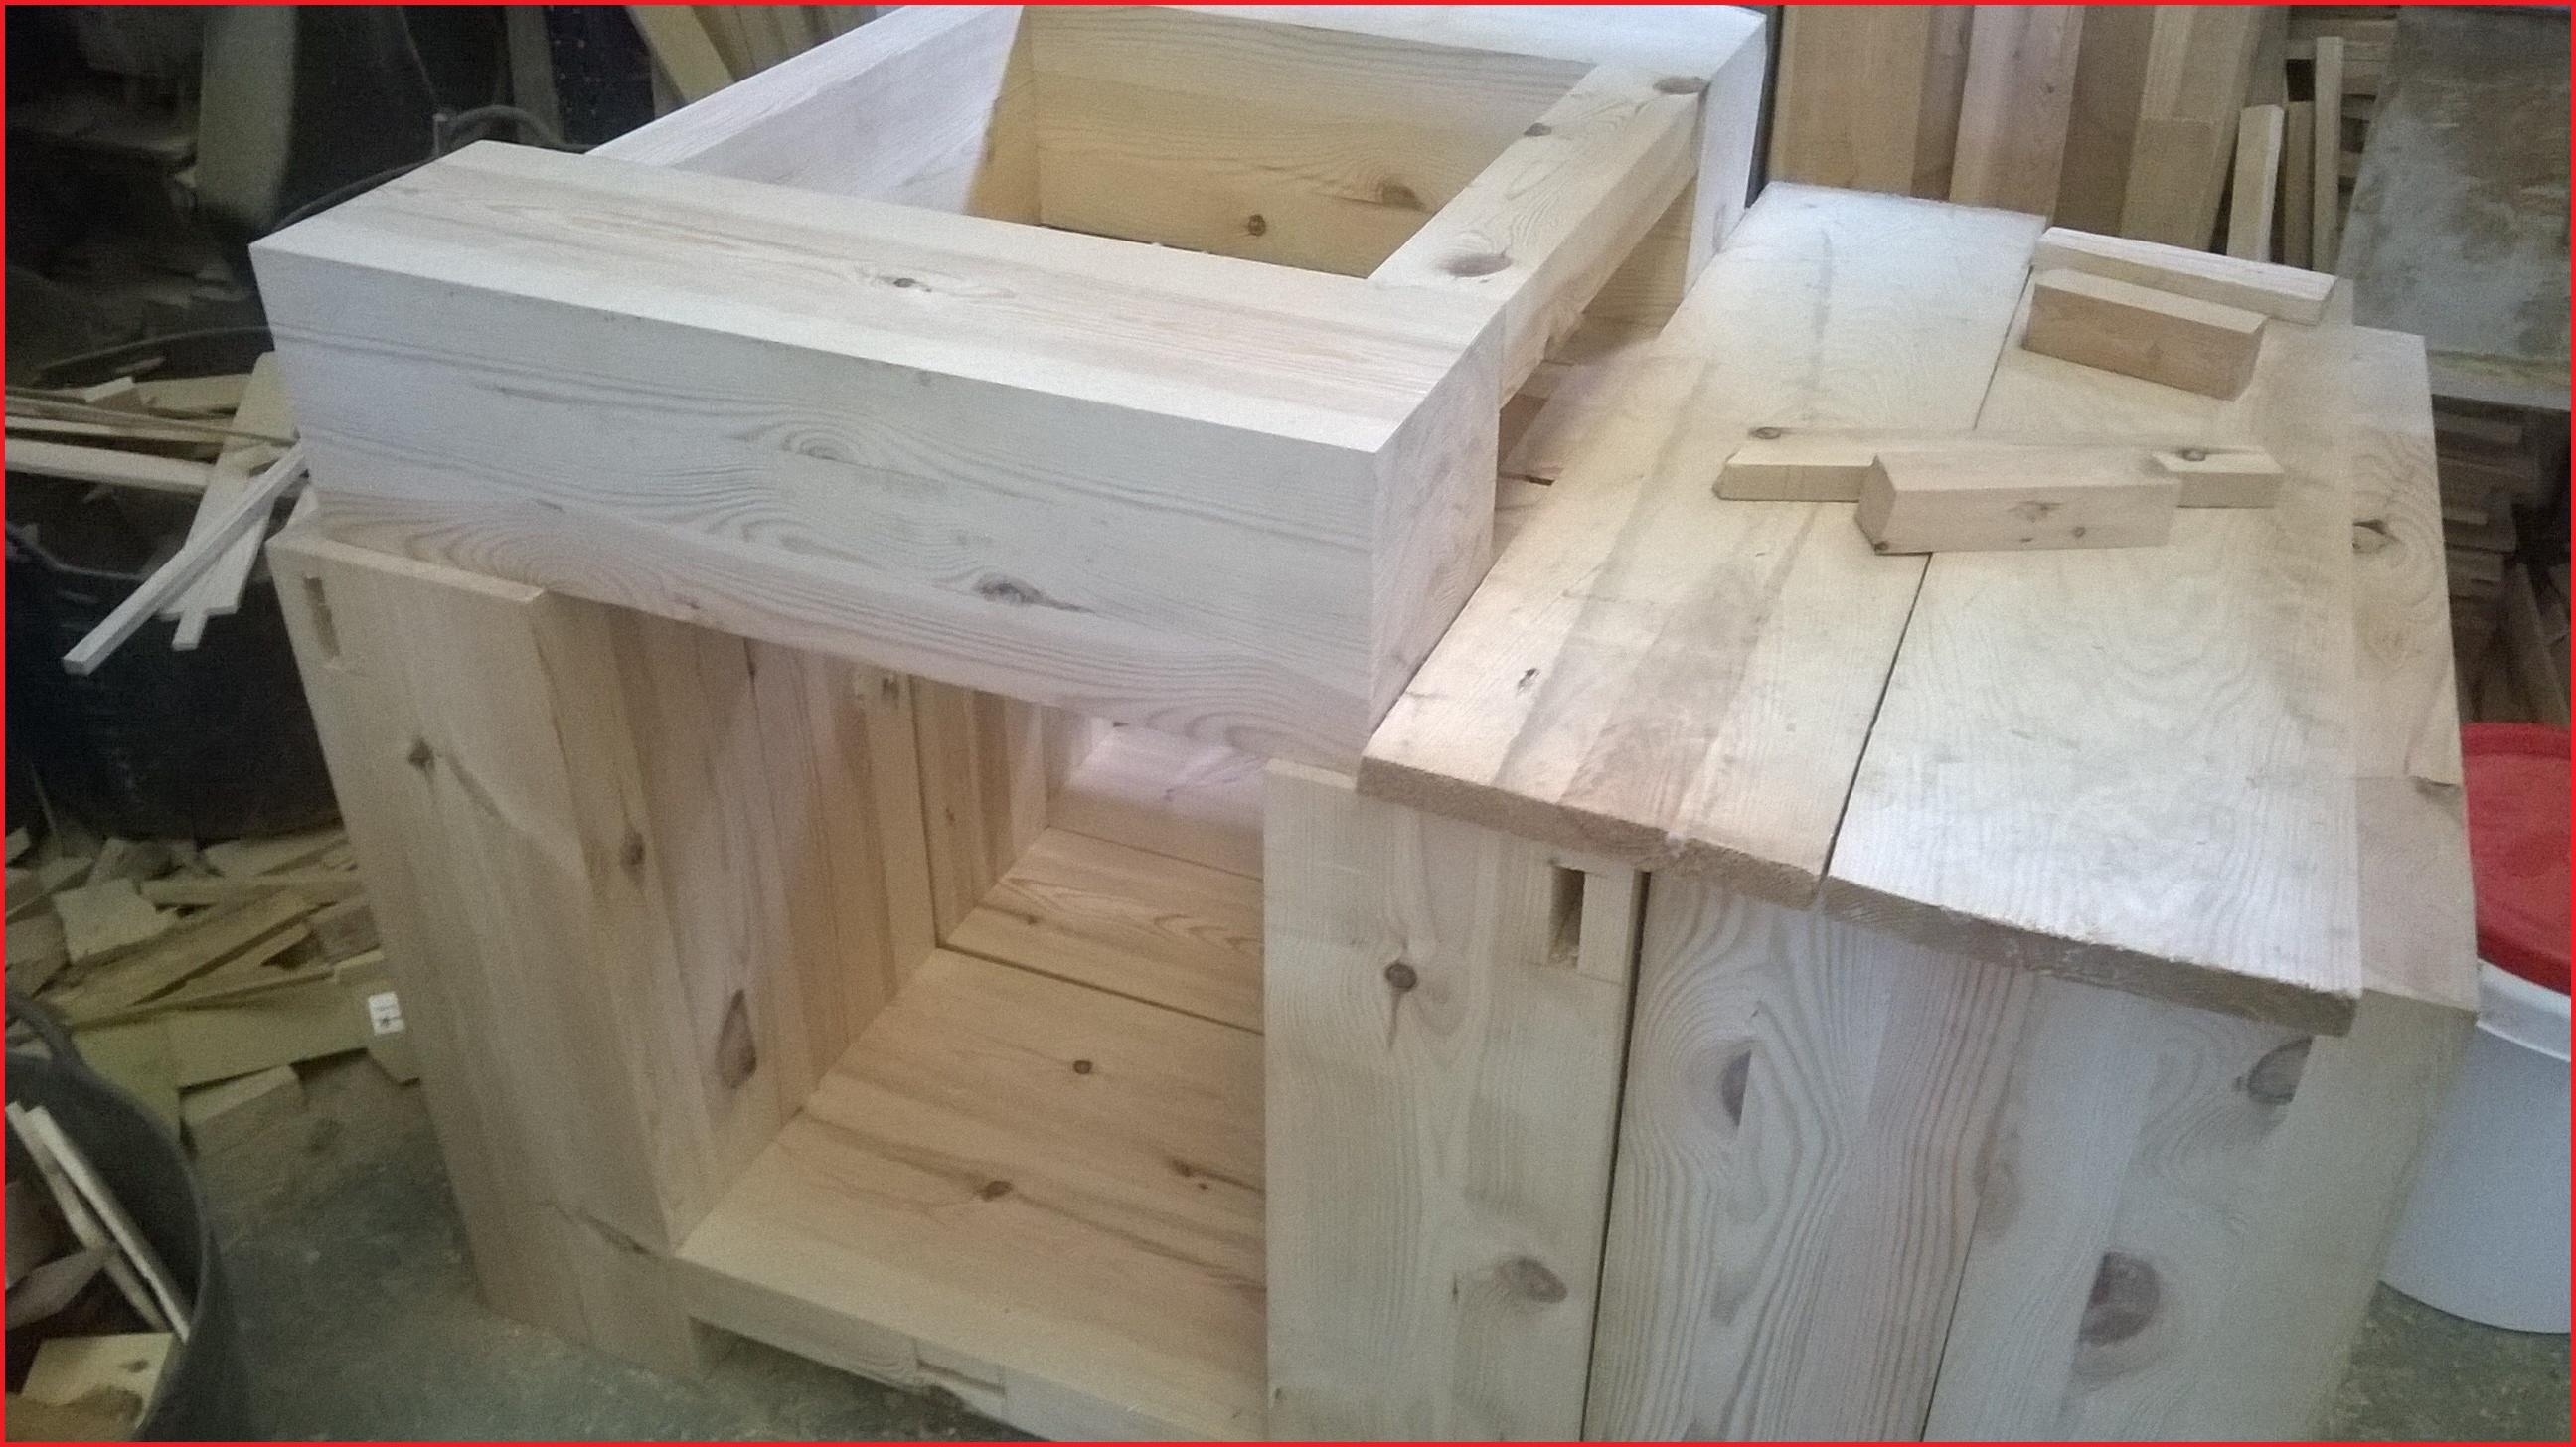 Muebles En Crudo Baratos Y7du Muebles En Crudo Para Pintar Fabricantes Muebles Lucena Brica